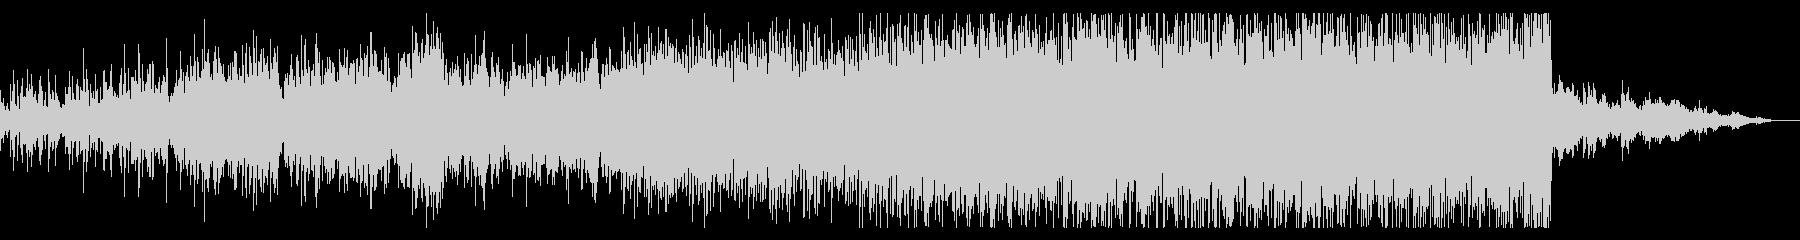 サスペンシブなシンセBGMの未再生の波形